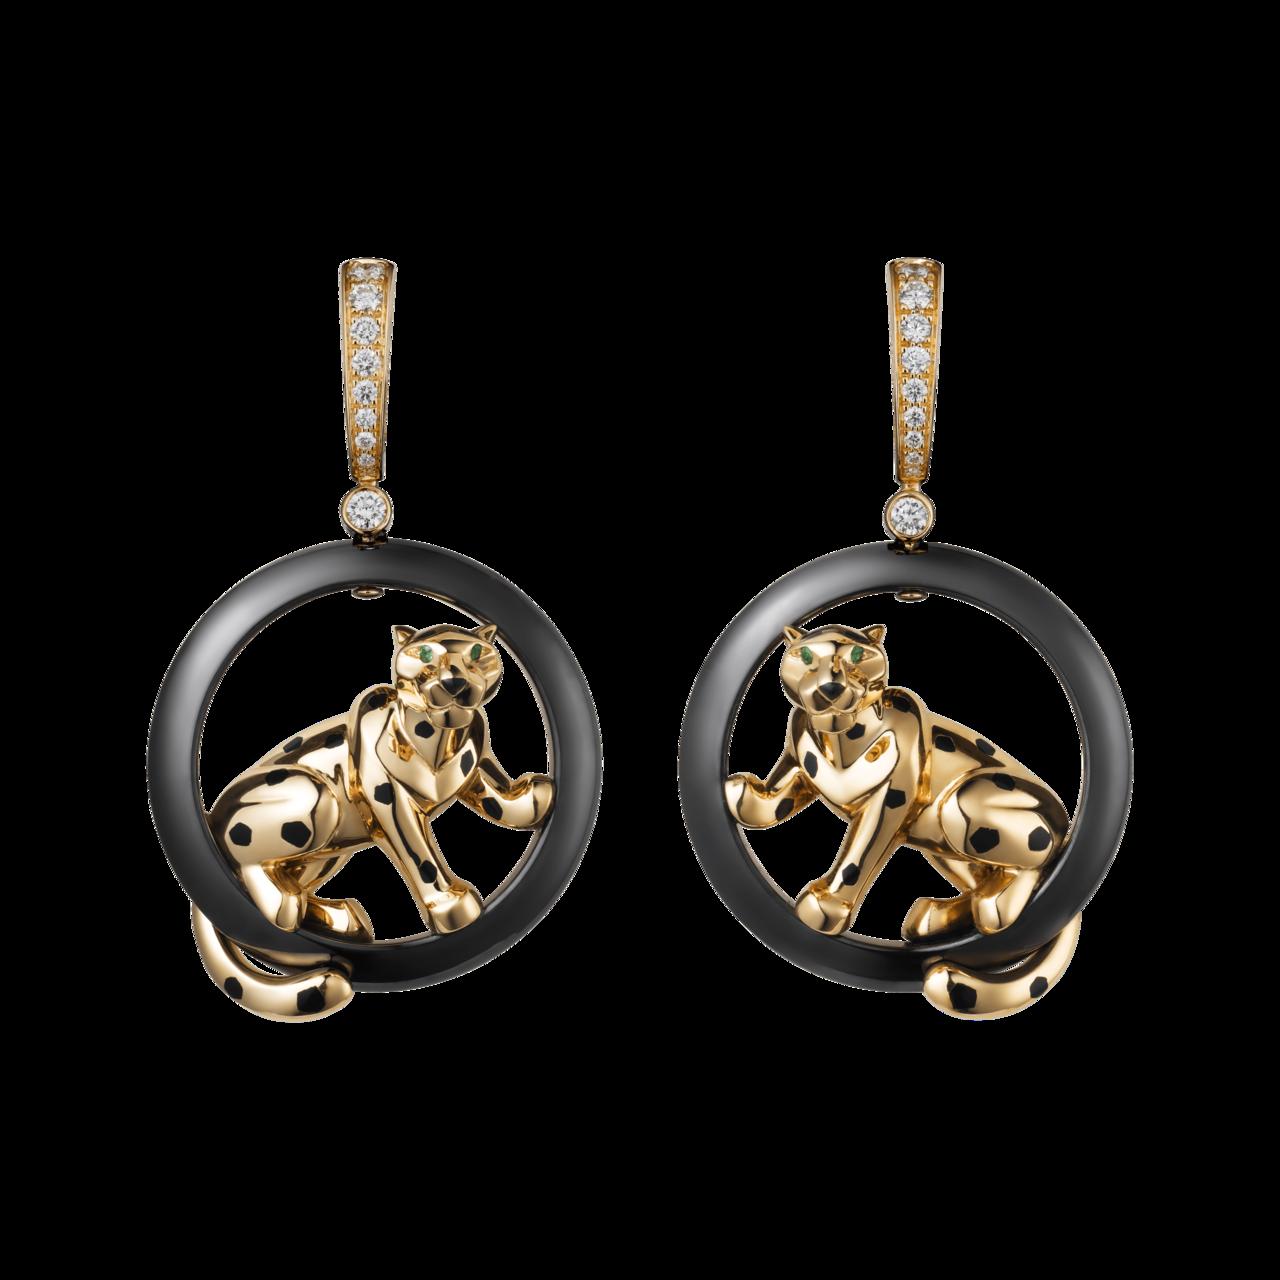 卡地亞美洲豹系列黃K金耳環,黃K金,陶瓷,真漆,沙弗來石榴石,鑽石,約92.5萬...